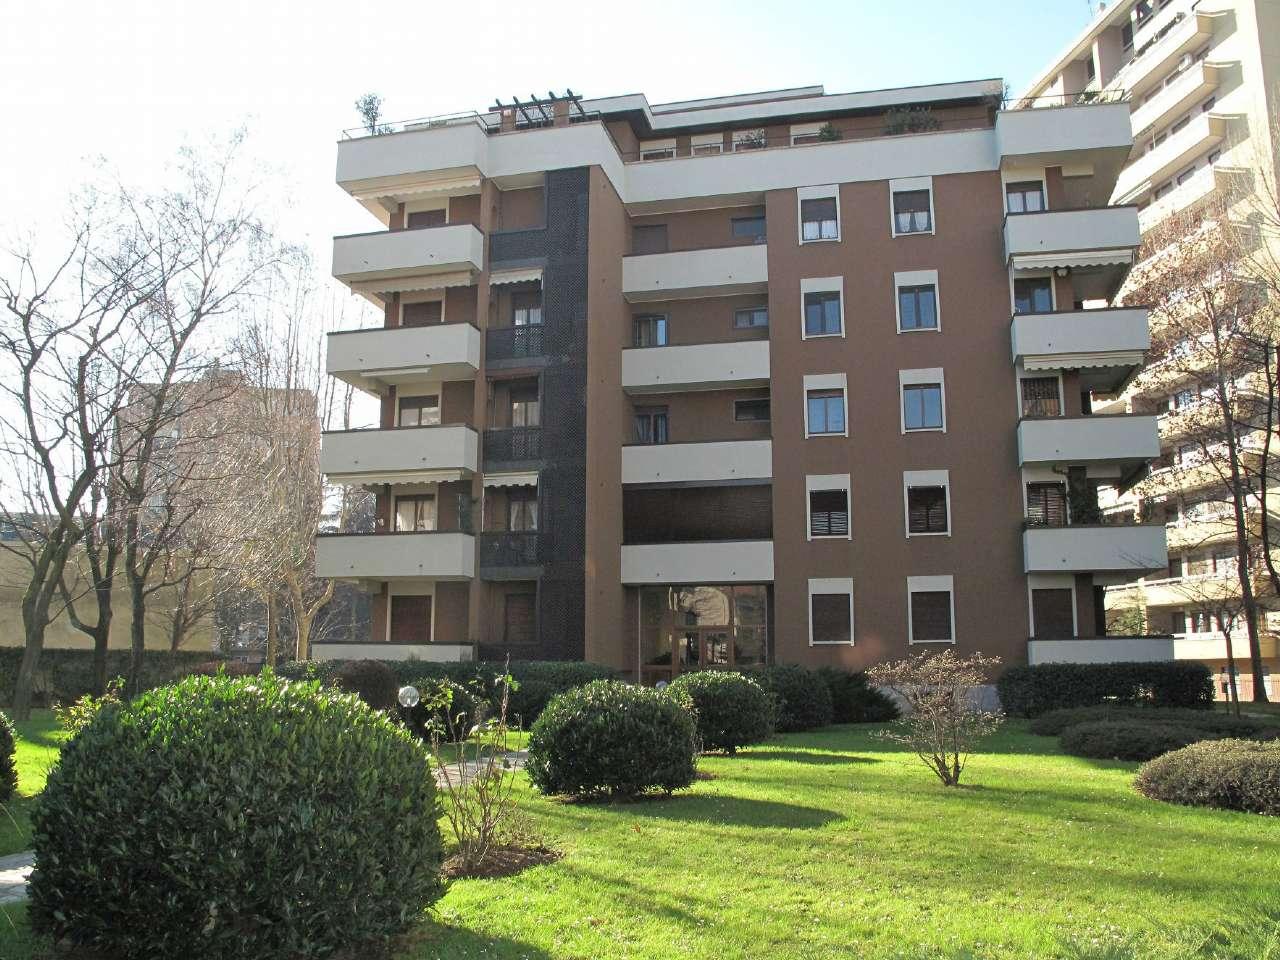 Attico / Mansarda in vendita a Sesto San Giovanni, 4 locali, prezzo € 510.000   CambioCasa.it